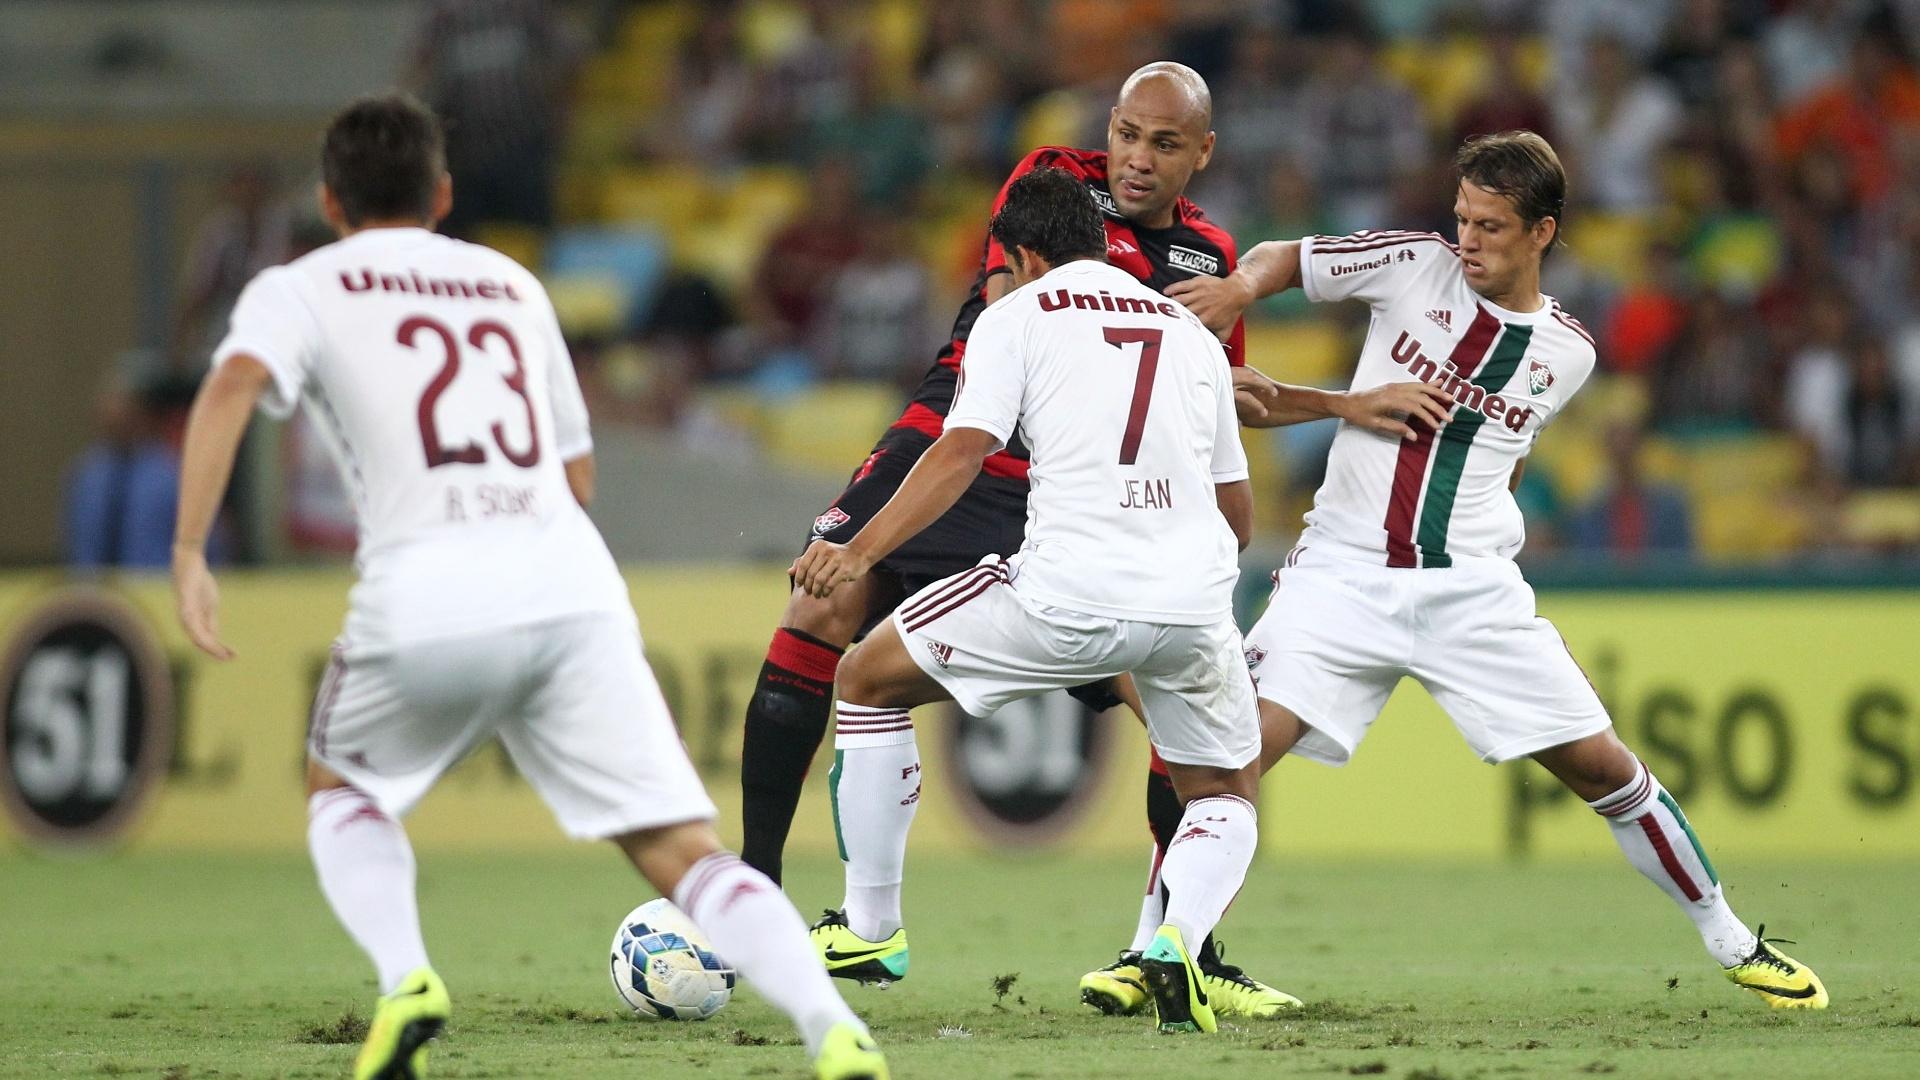 3.mai.2014 - Atacante Souza é cercado por dois marcadores do Fluminense durante duelo no Maracanã